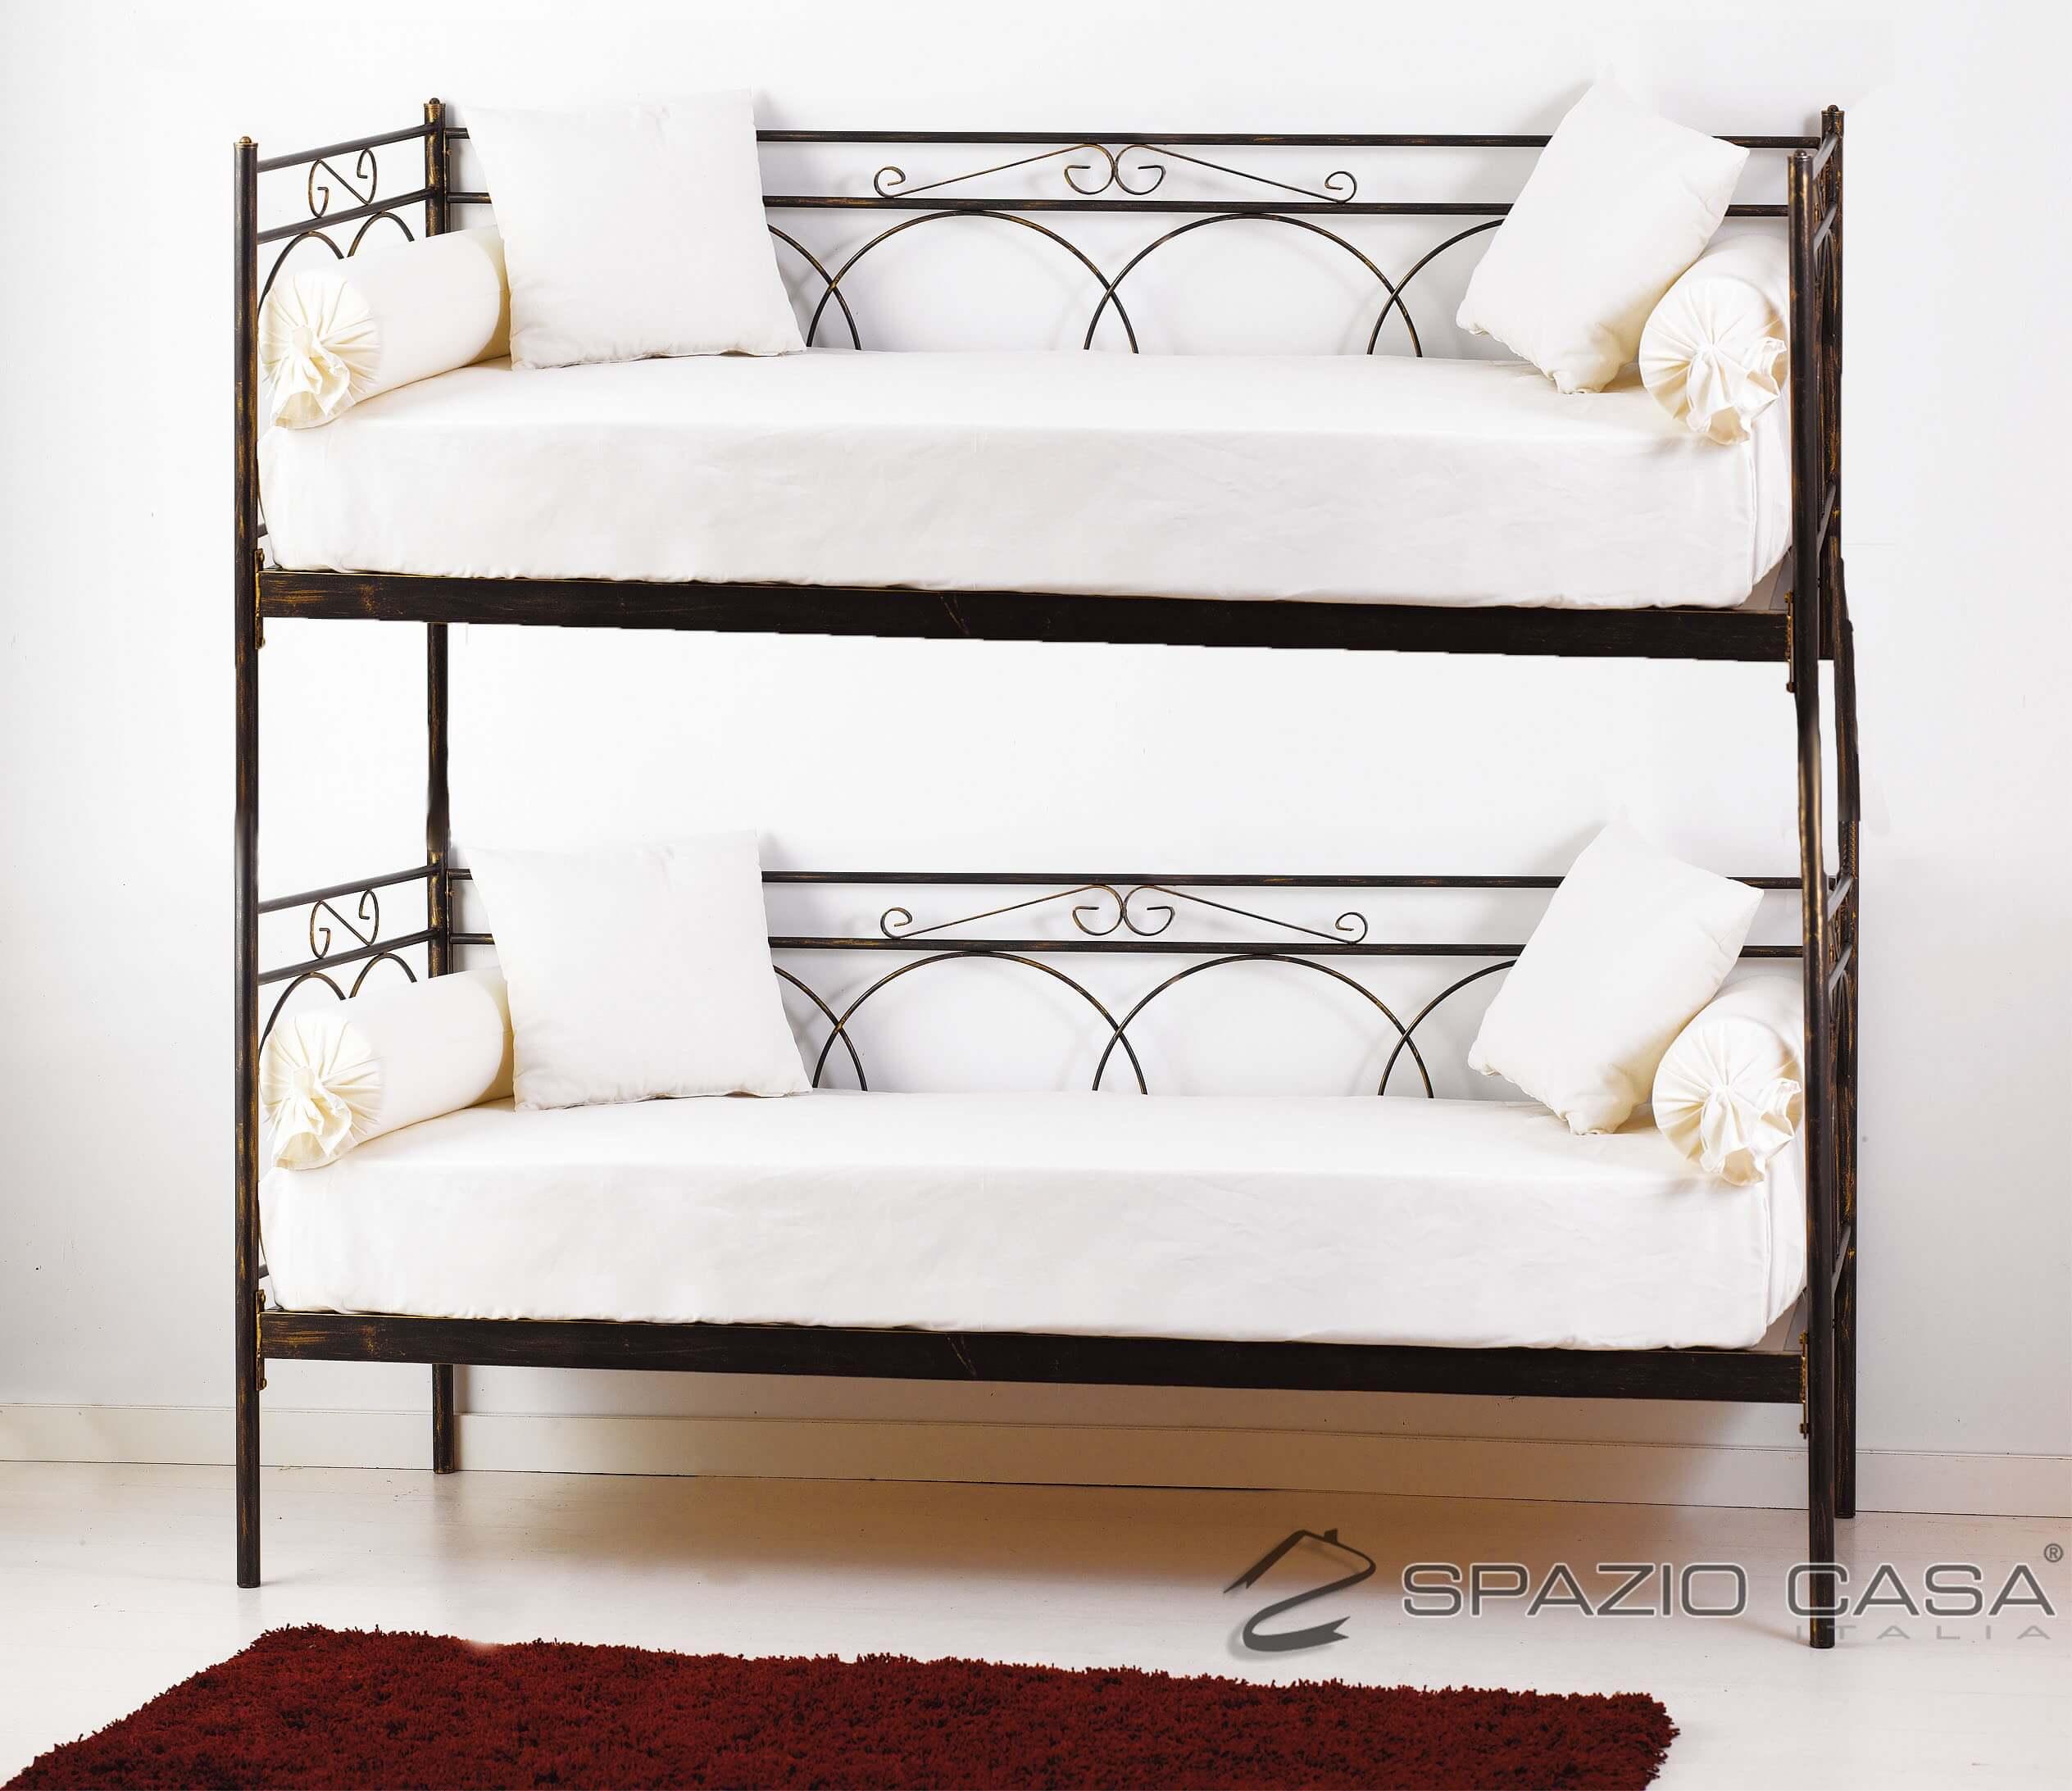 Letto contenitore in ferro battuto mondo convenienza beautiful letto contenitore una piazza e - Struttura letto singolo mondo convenienza ...